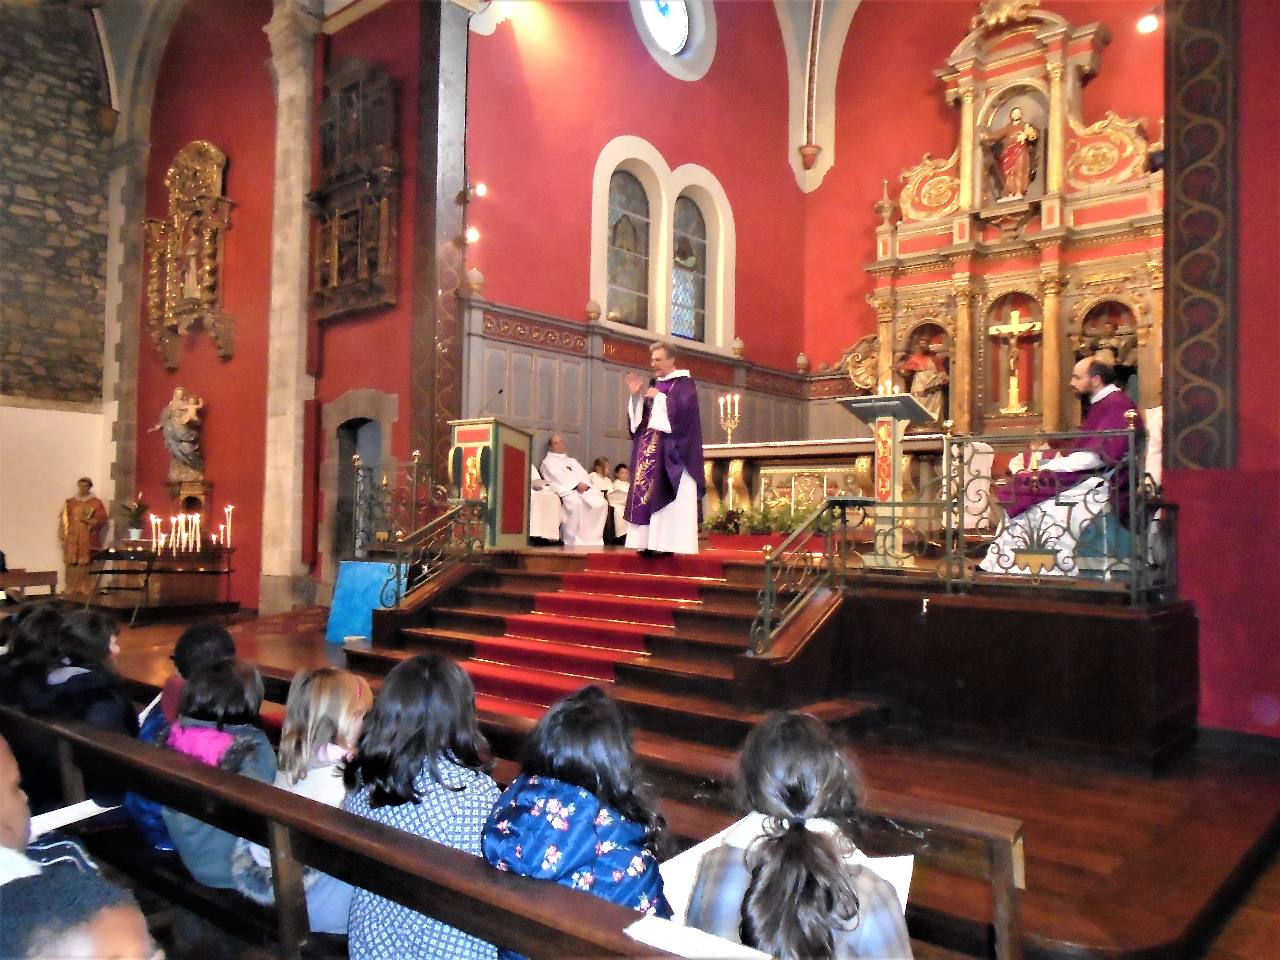 L'abbé Jean-Marc dit, notamment, aux enfants que le sapin, les guirlandes et les boules c'est très beau mais que le plus beau cadeau à attendre, c'est Jésus !